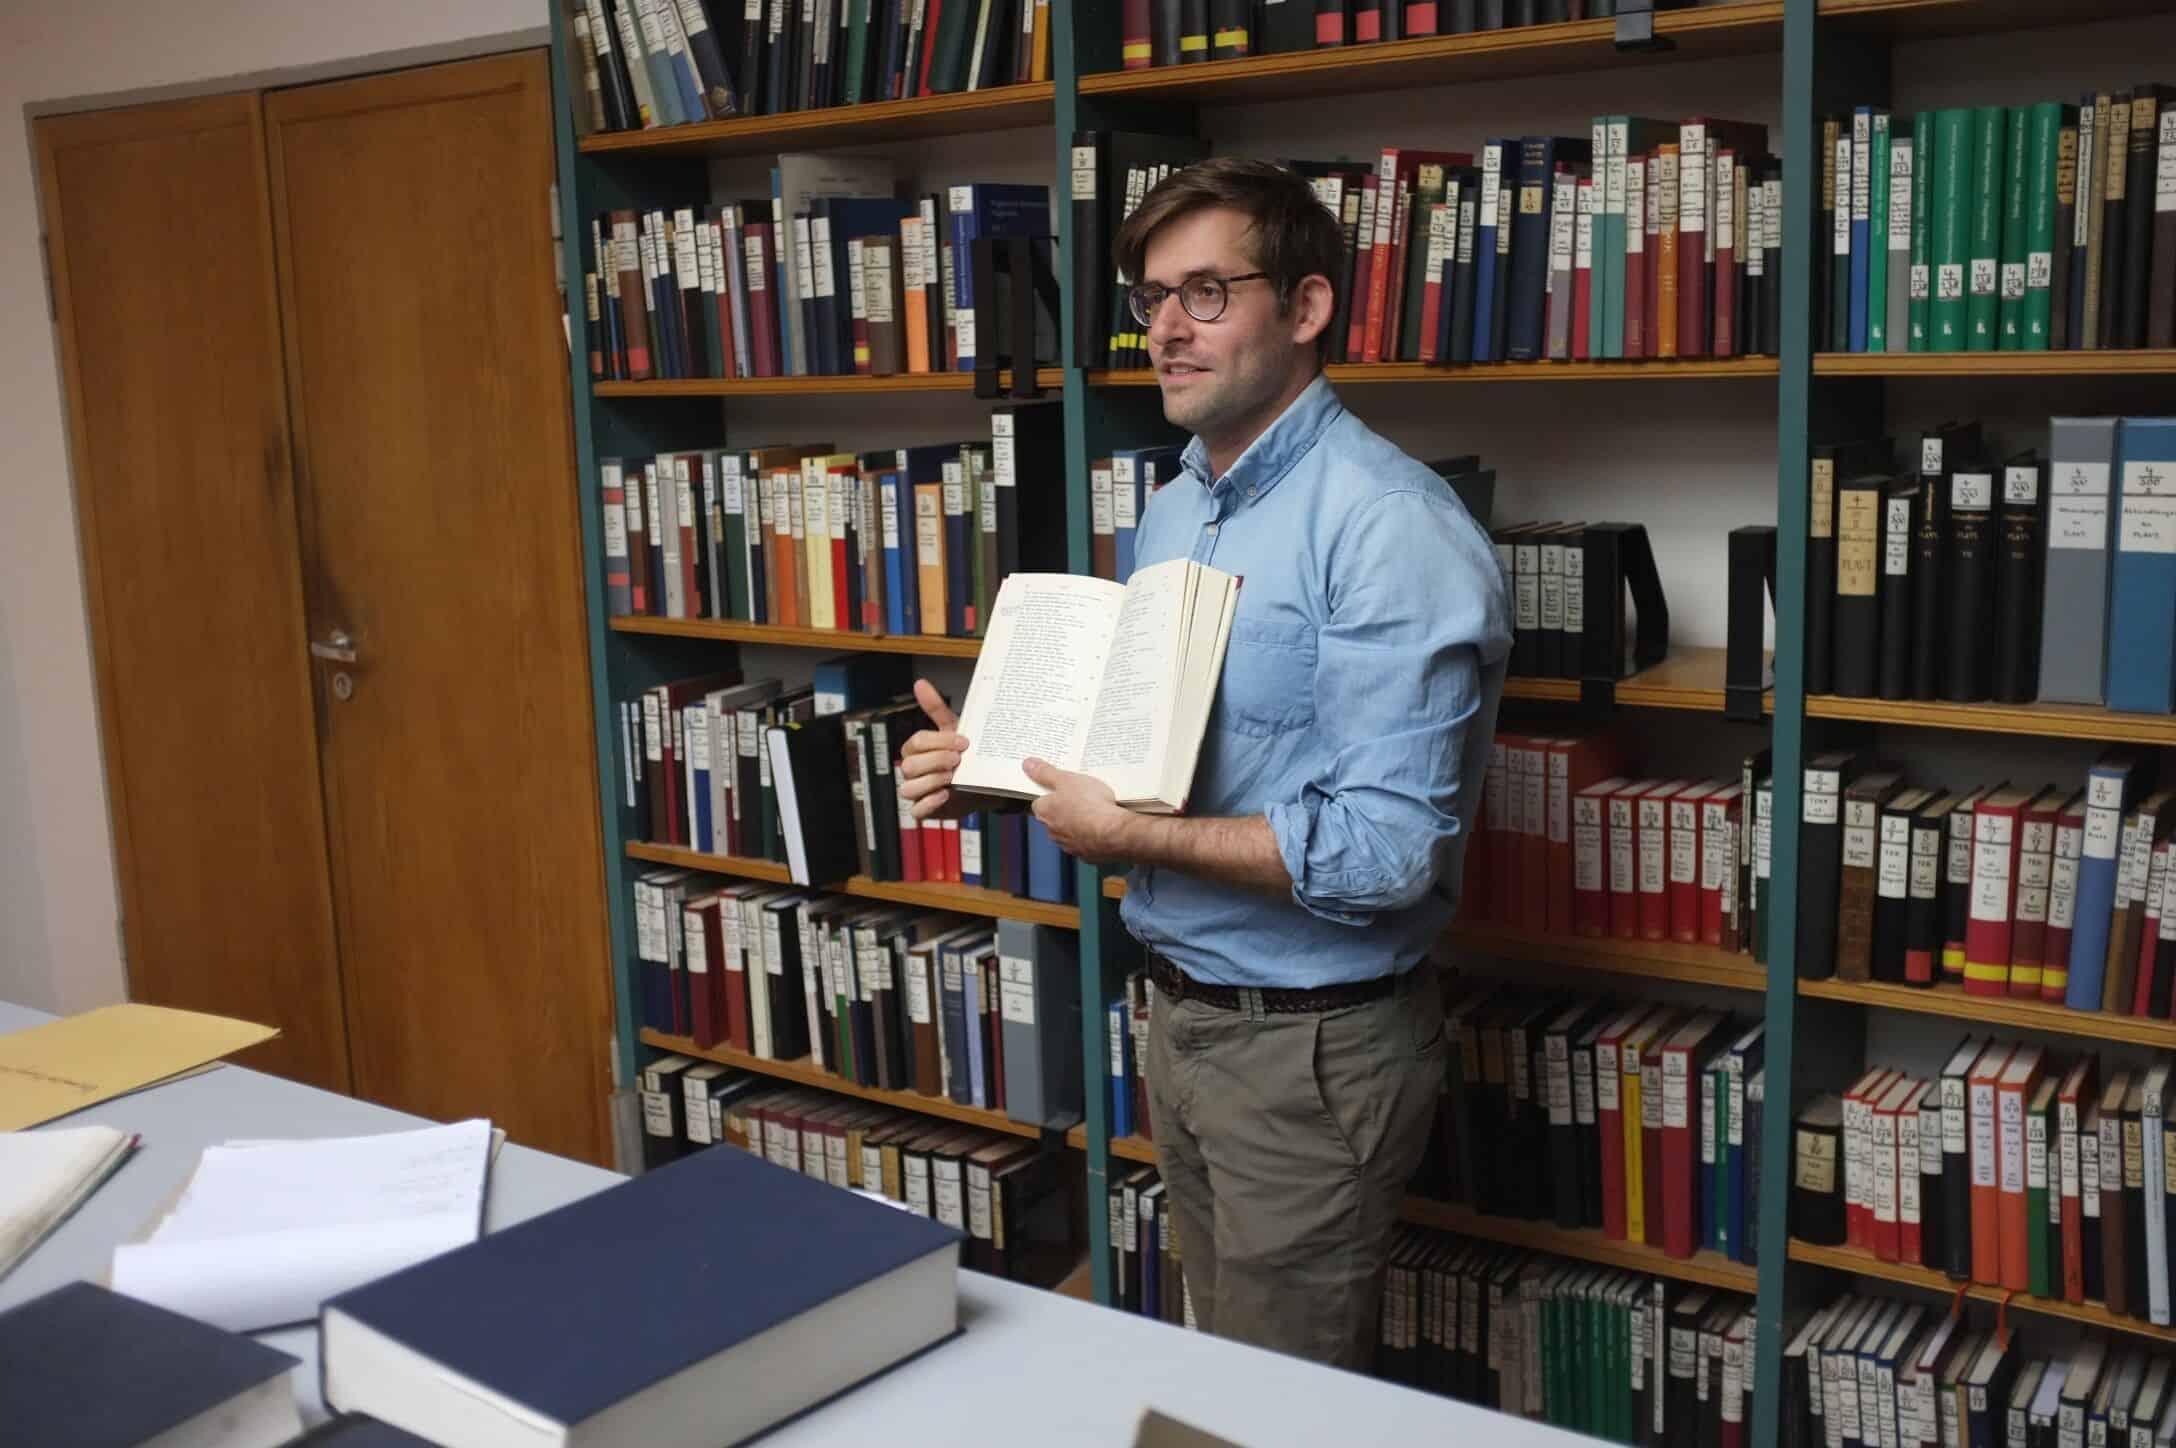 Adam Gitner in the library